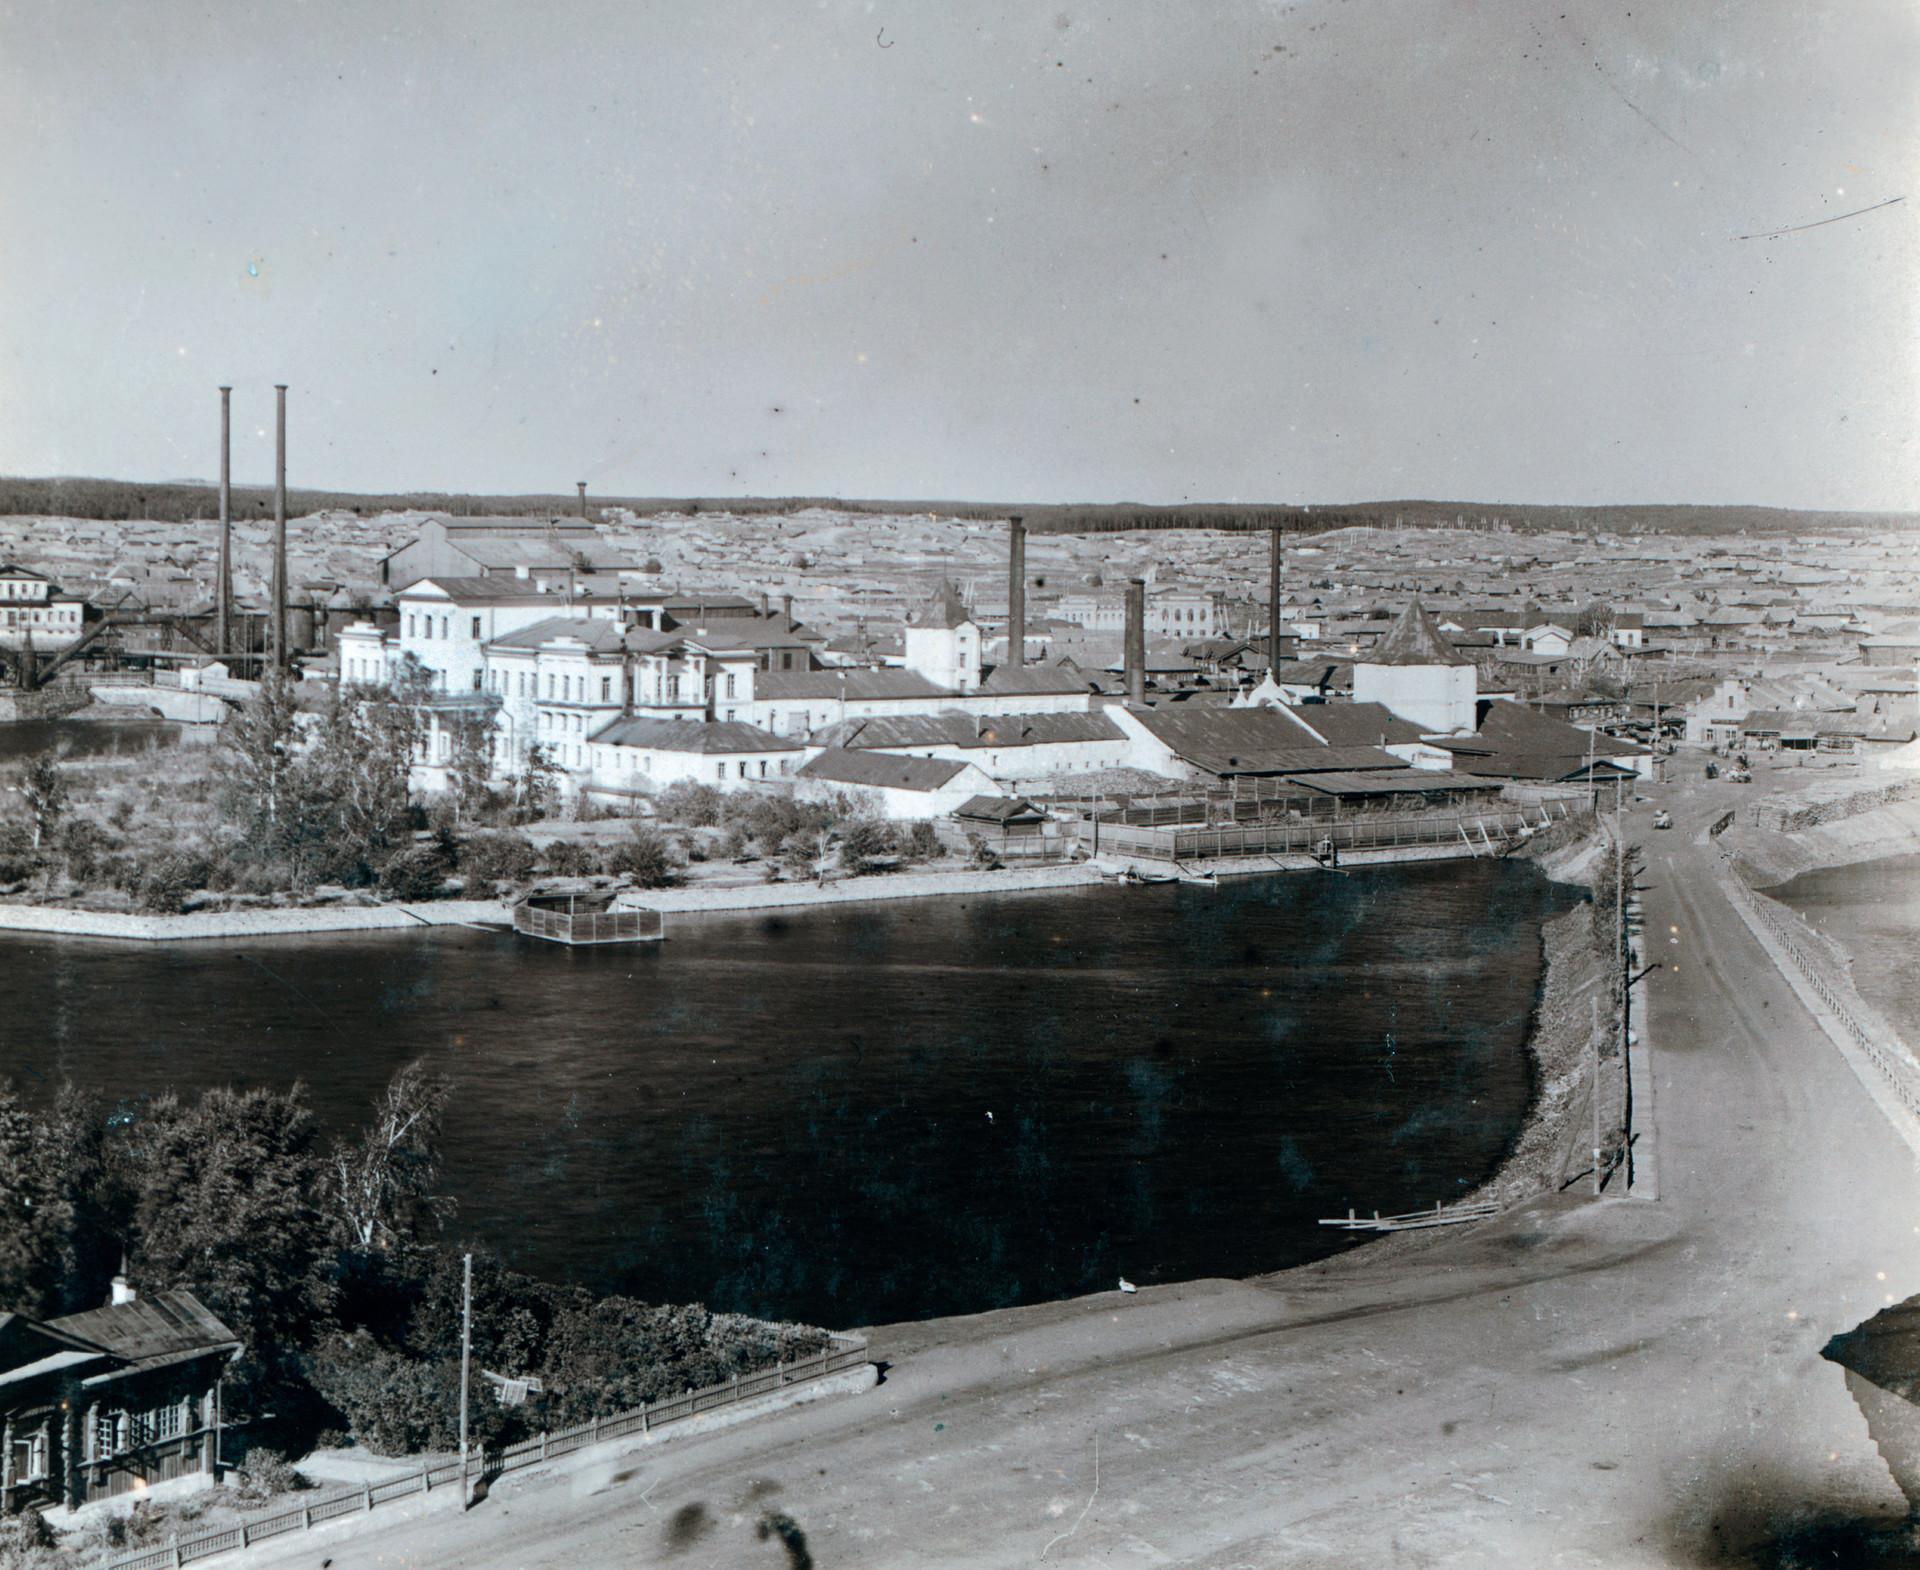 Pogled na glavno tovarno v Kištimu z Belo hišo na nekdanjem posestvu Demidovih. V ospredju: mestni ribnik (reka Kištim). Desno: stolp iz 18. stoletja, ki ga je zgradil Nikita Demidov. 1909.